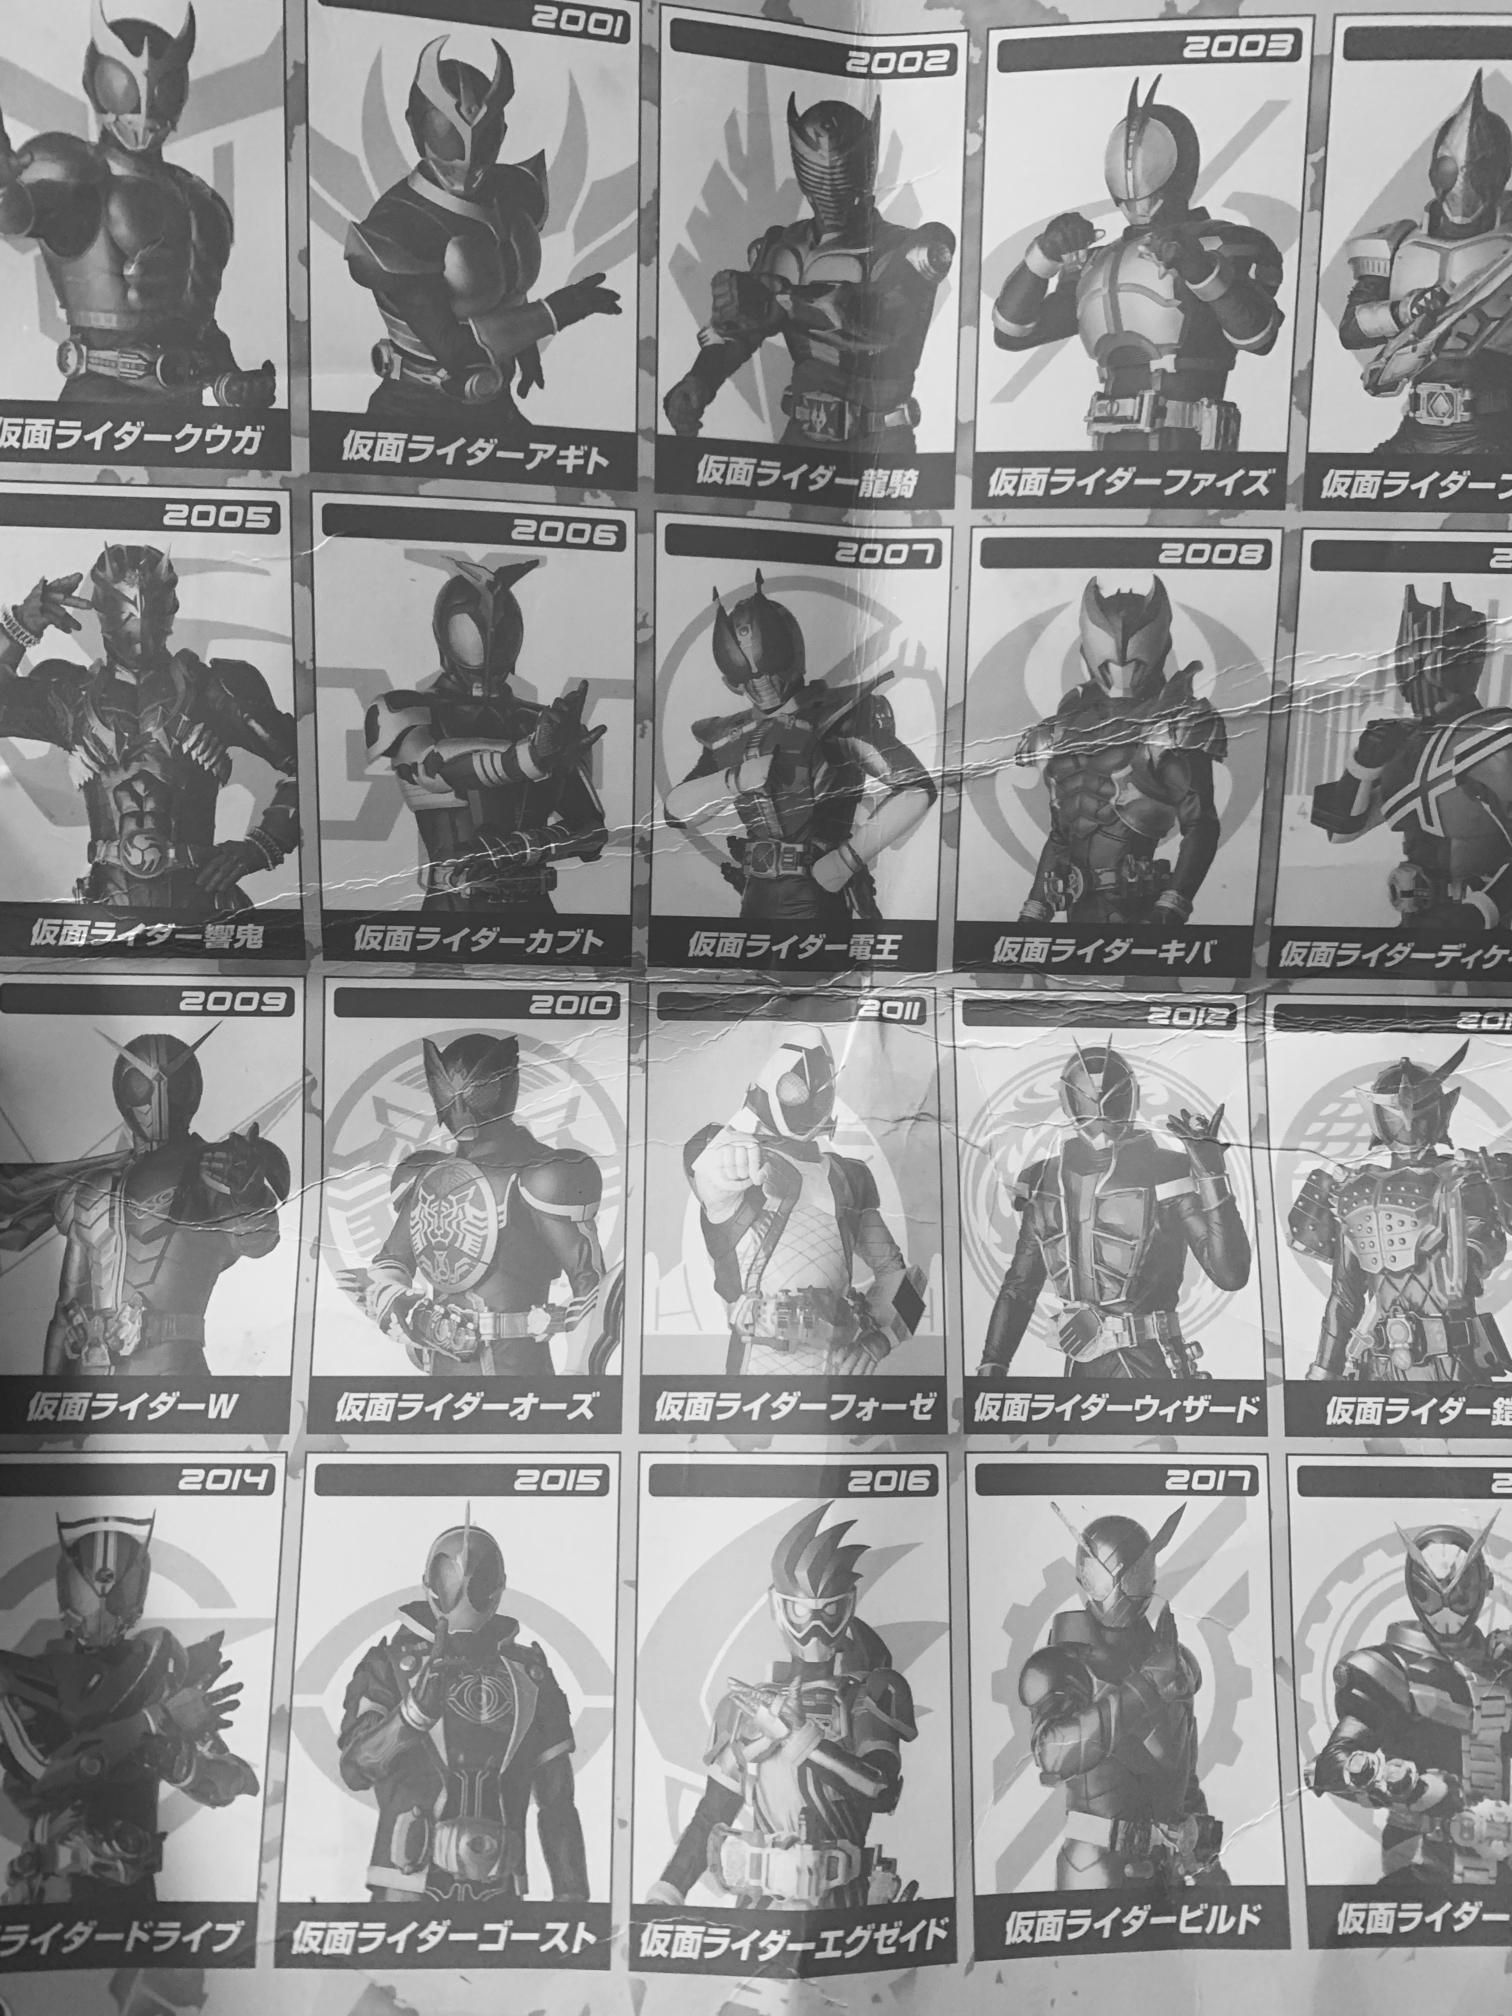 平成仮面ライダー色紙の裏